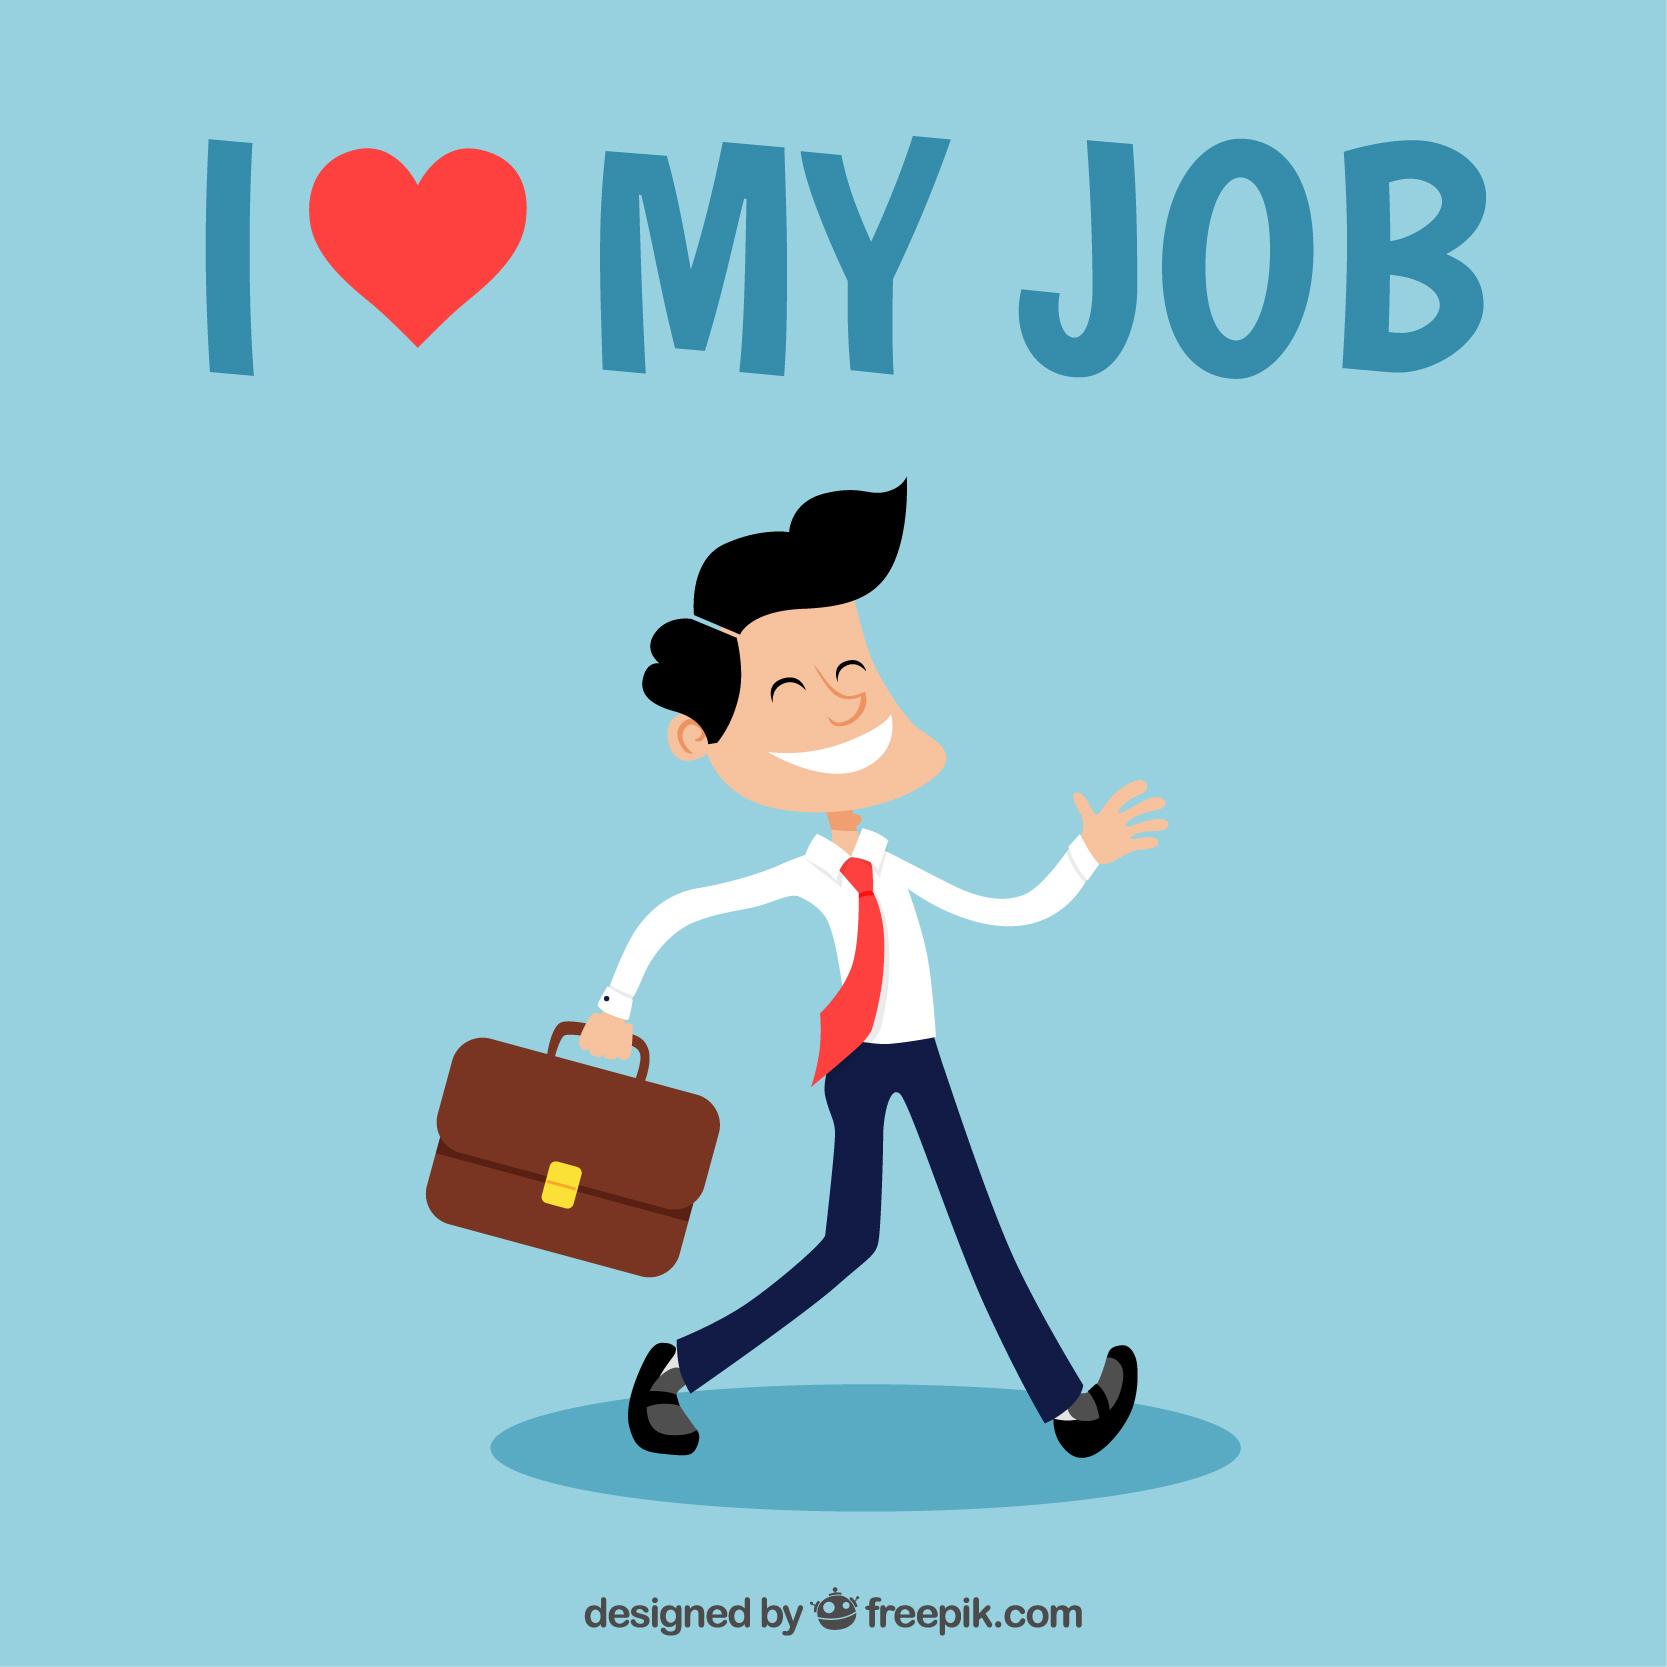 Três fatores fundamentais para ter funcionários felizes